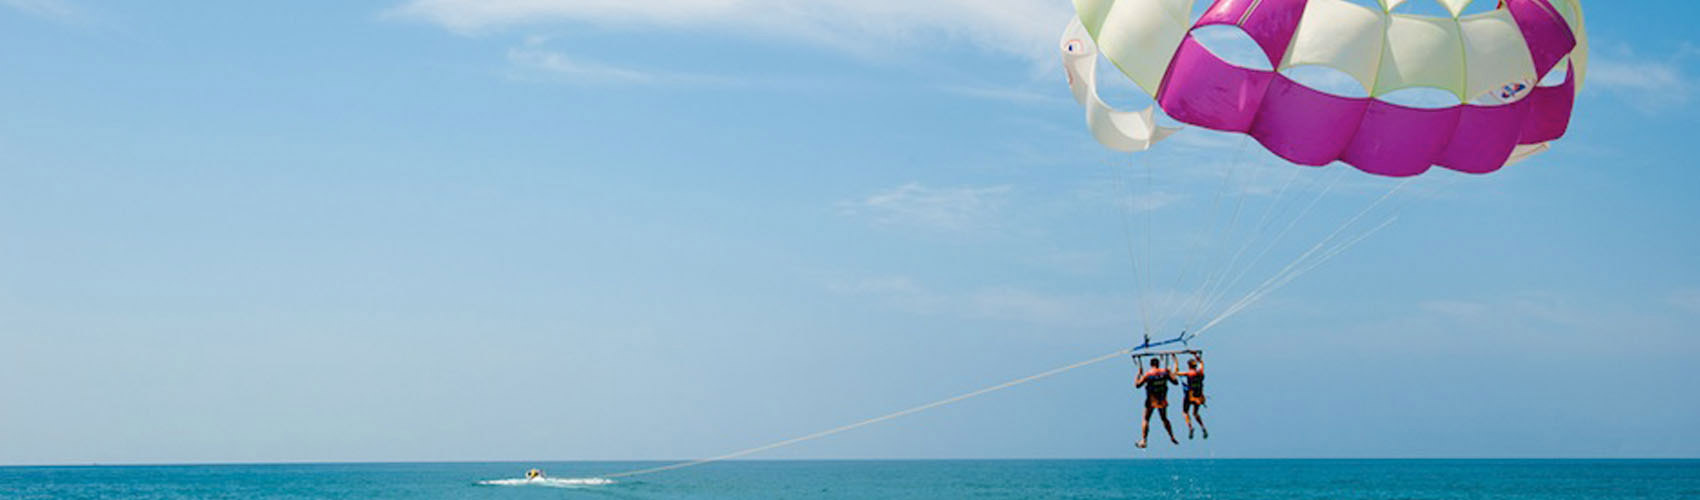 Parachute ascensionnel Île Maurice